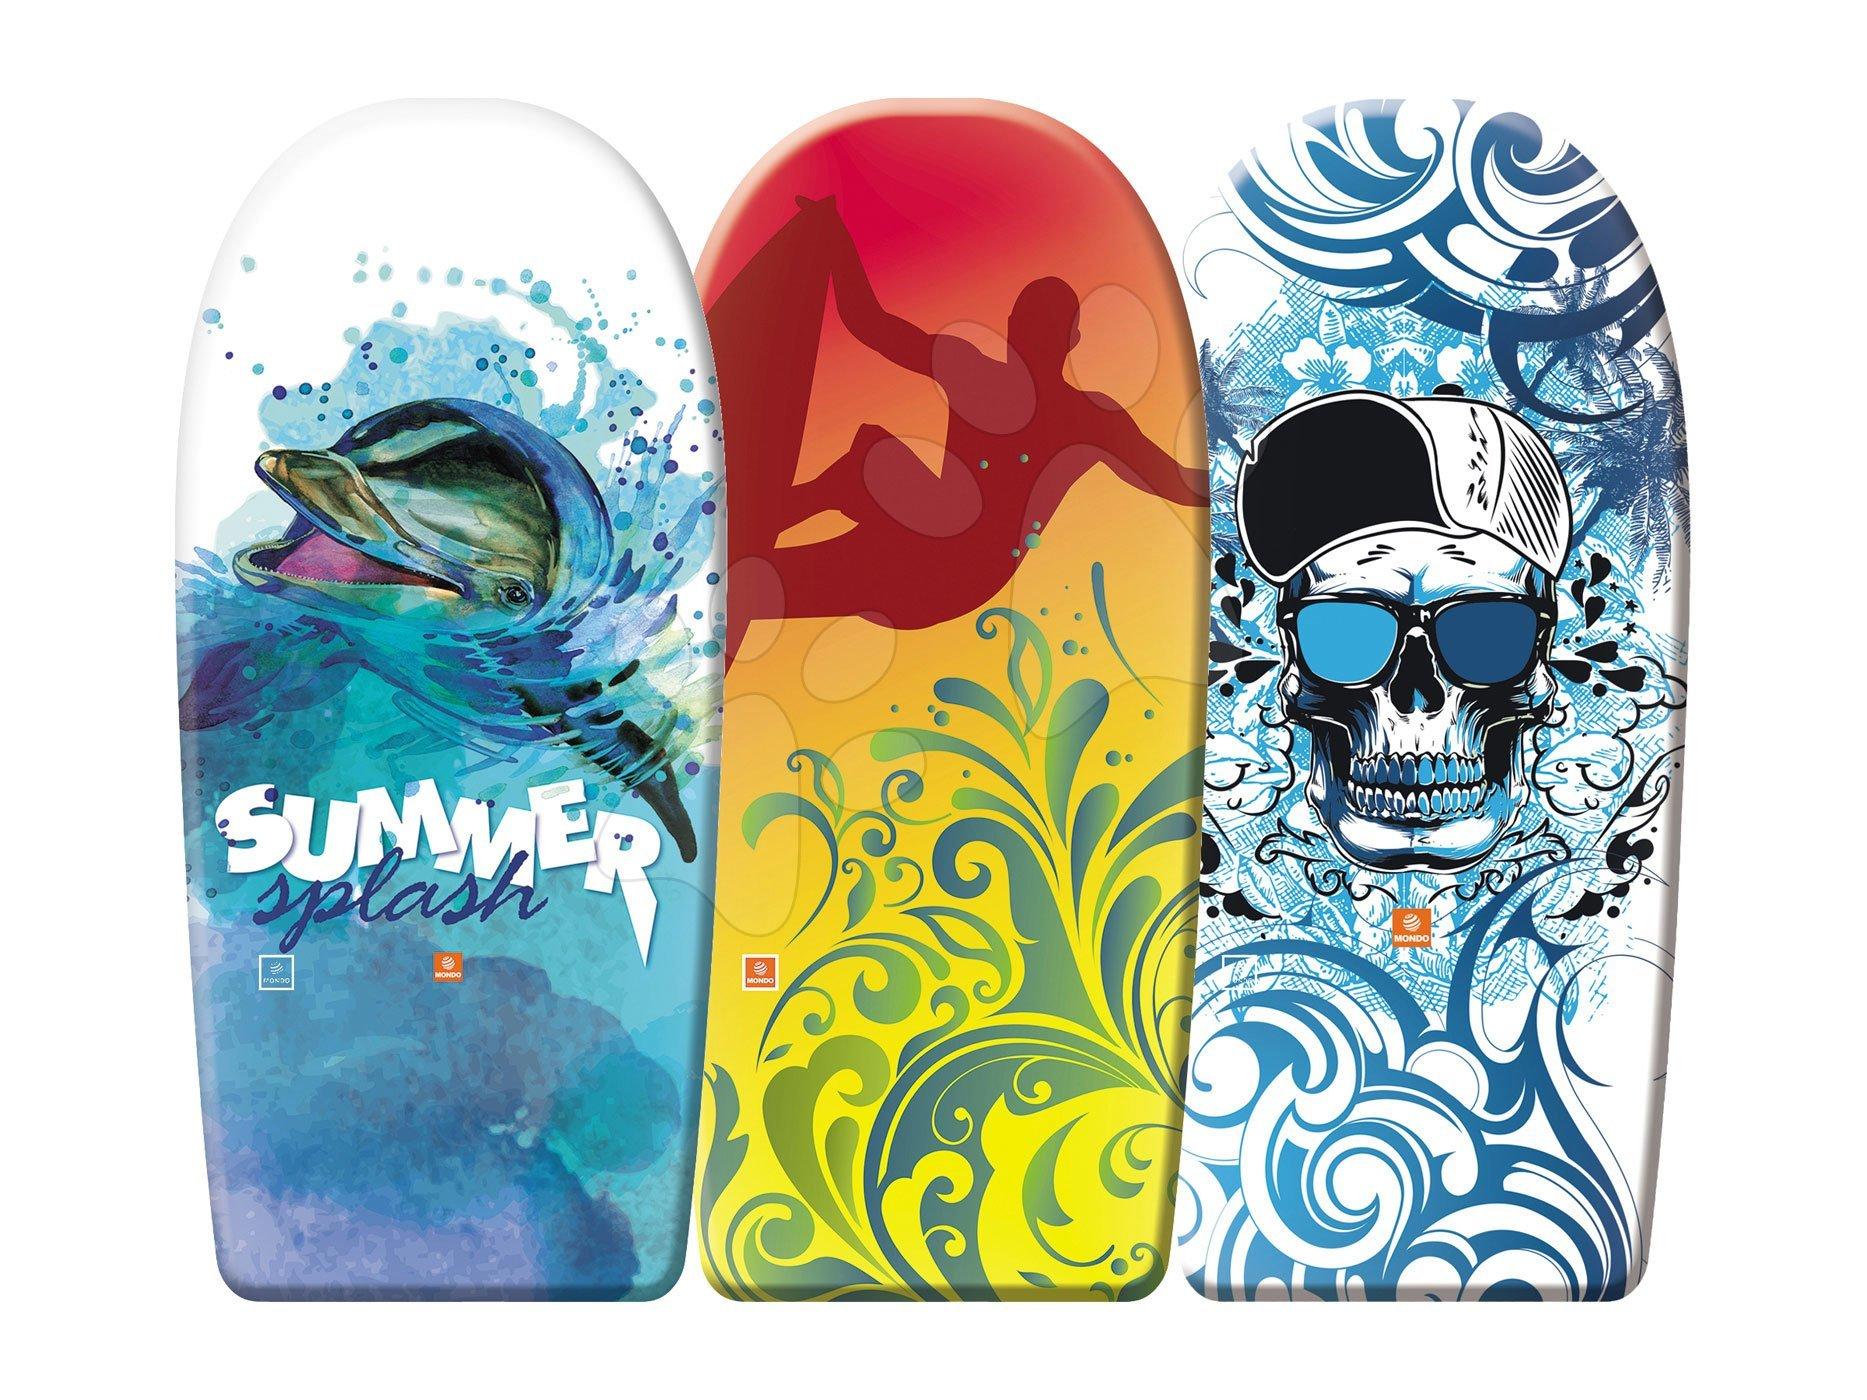 Pěnová deska na plavání Summer Mondo 94 cm, delfín/board/kšiltovka